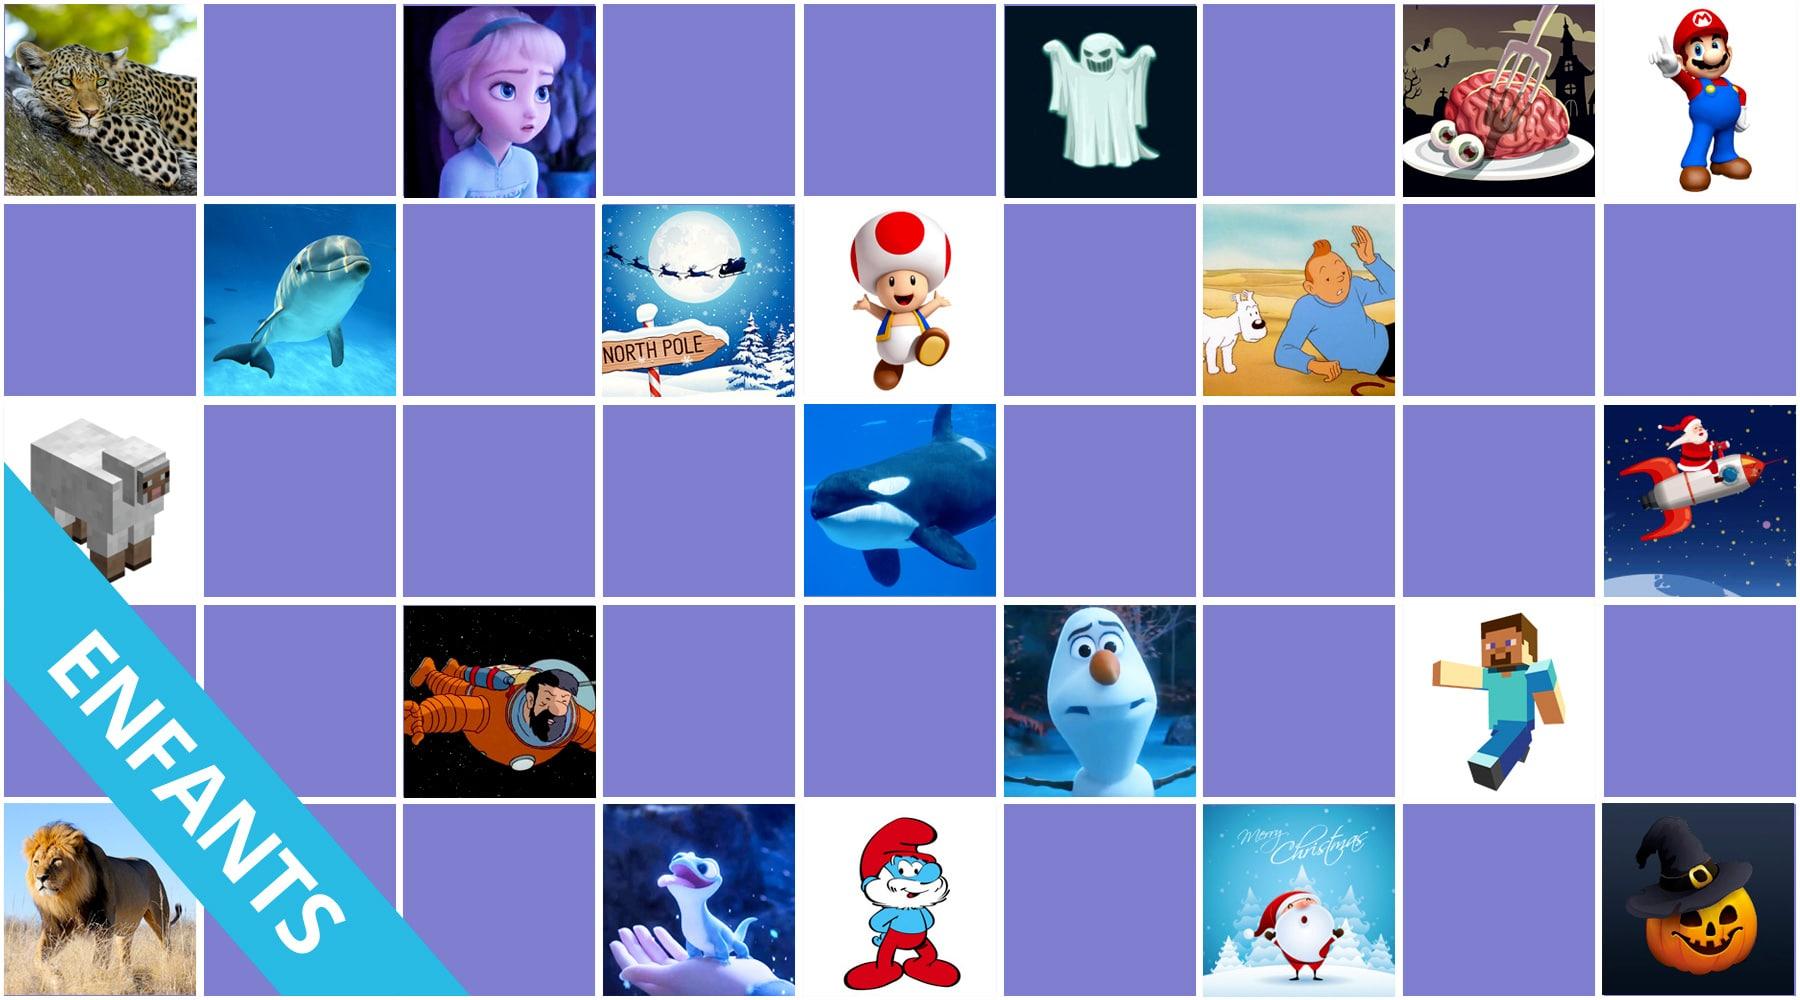 Jeux De Memory Pour Les Enfants - En Ligne Et Gratuits destiné Apprendre Les Animaux Pour Bebe